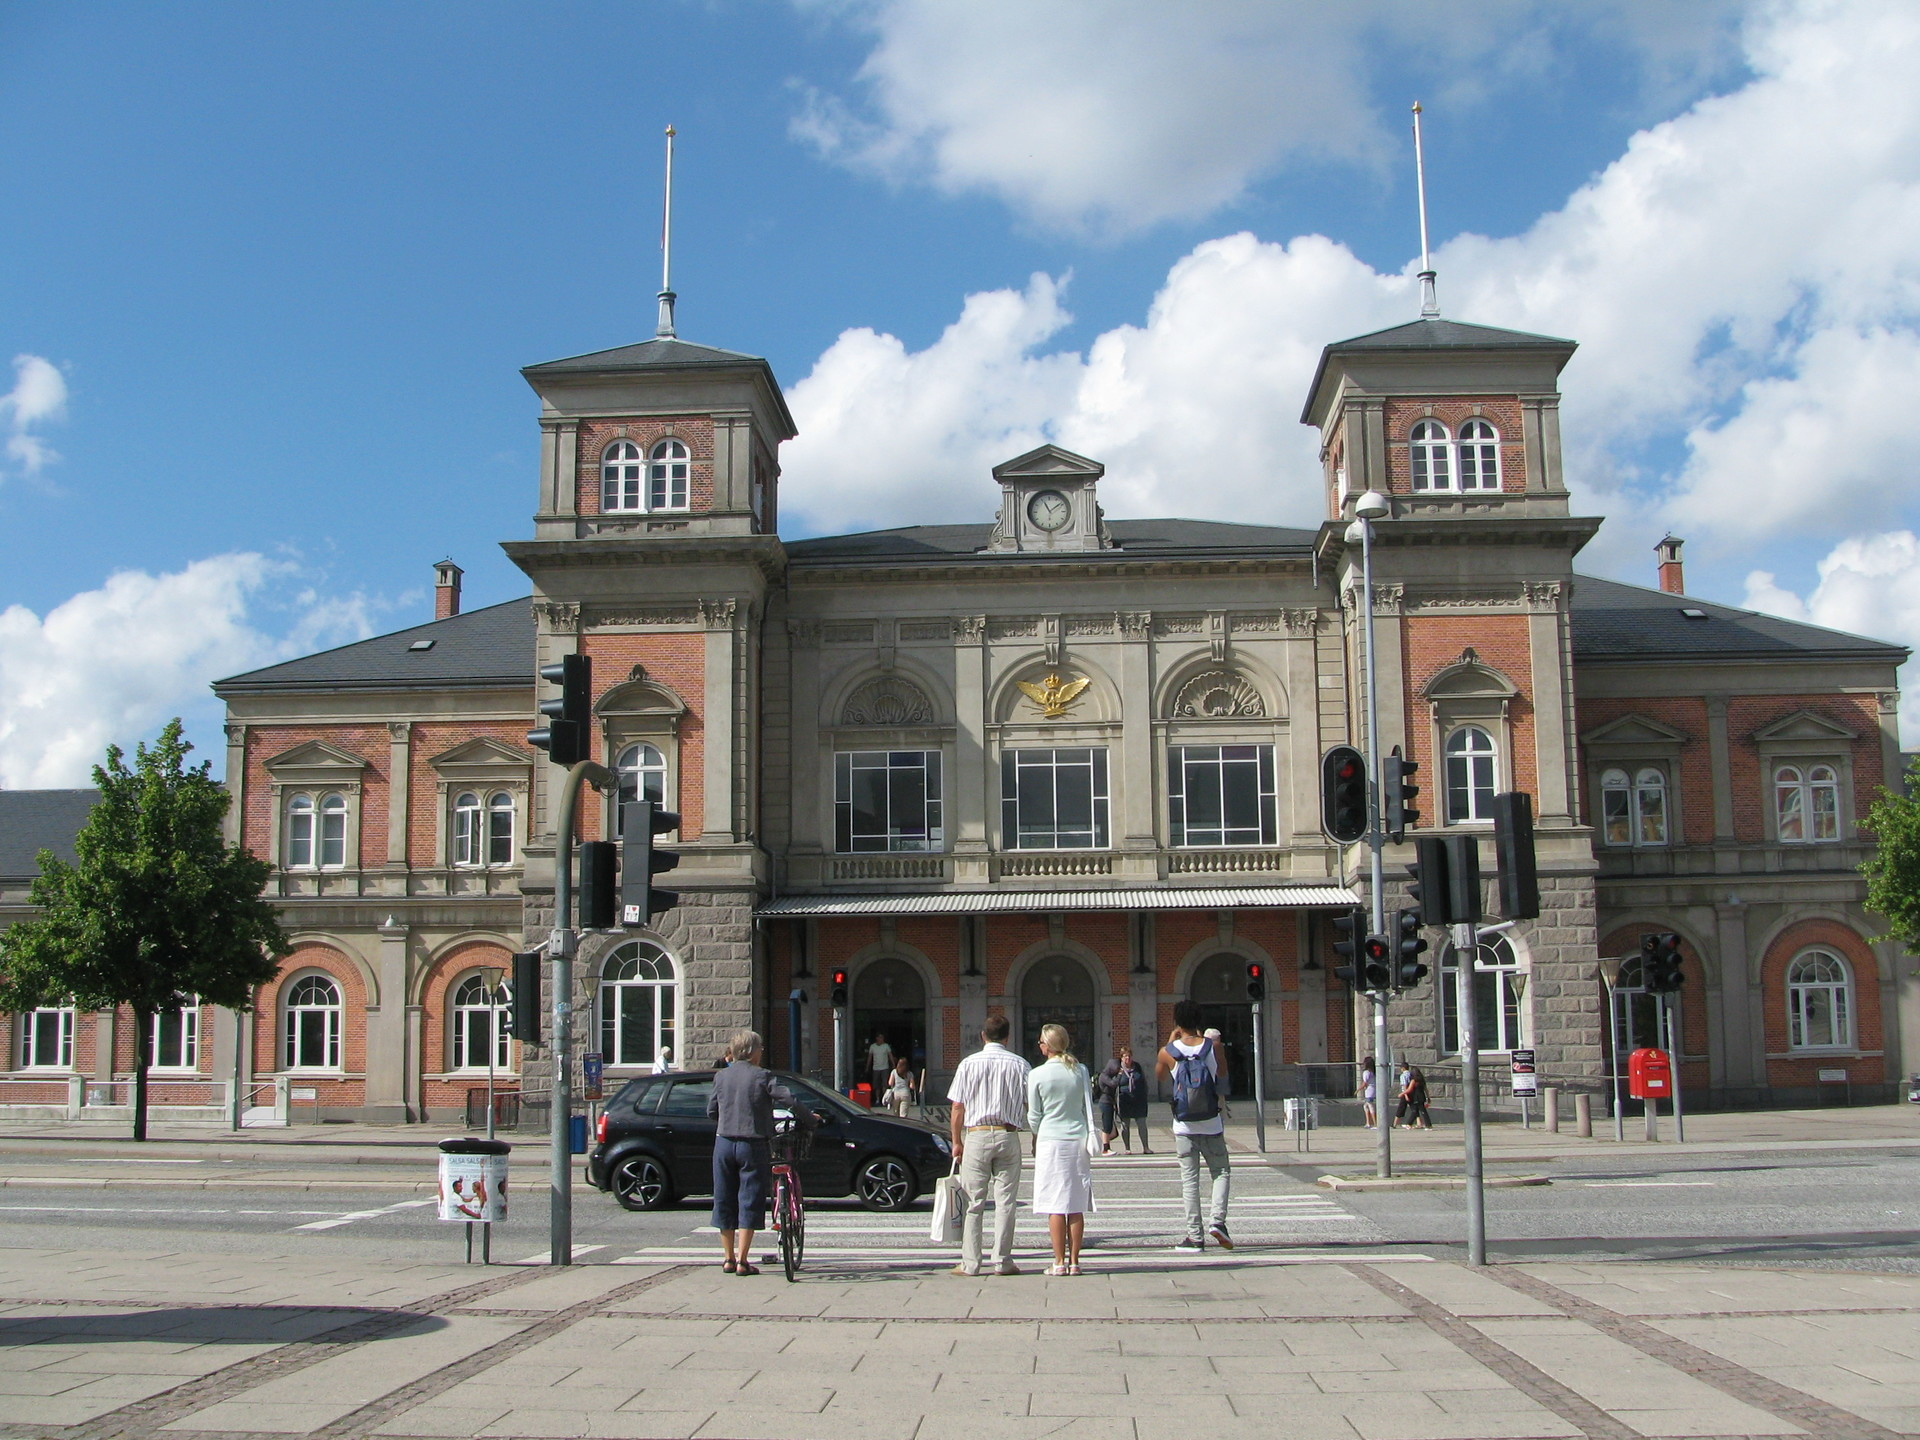 Esperienza a Aalborg, Danimarca, di Giulia